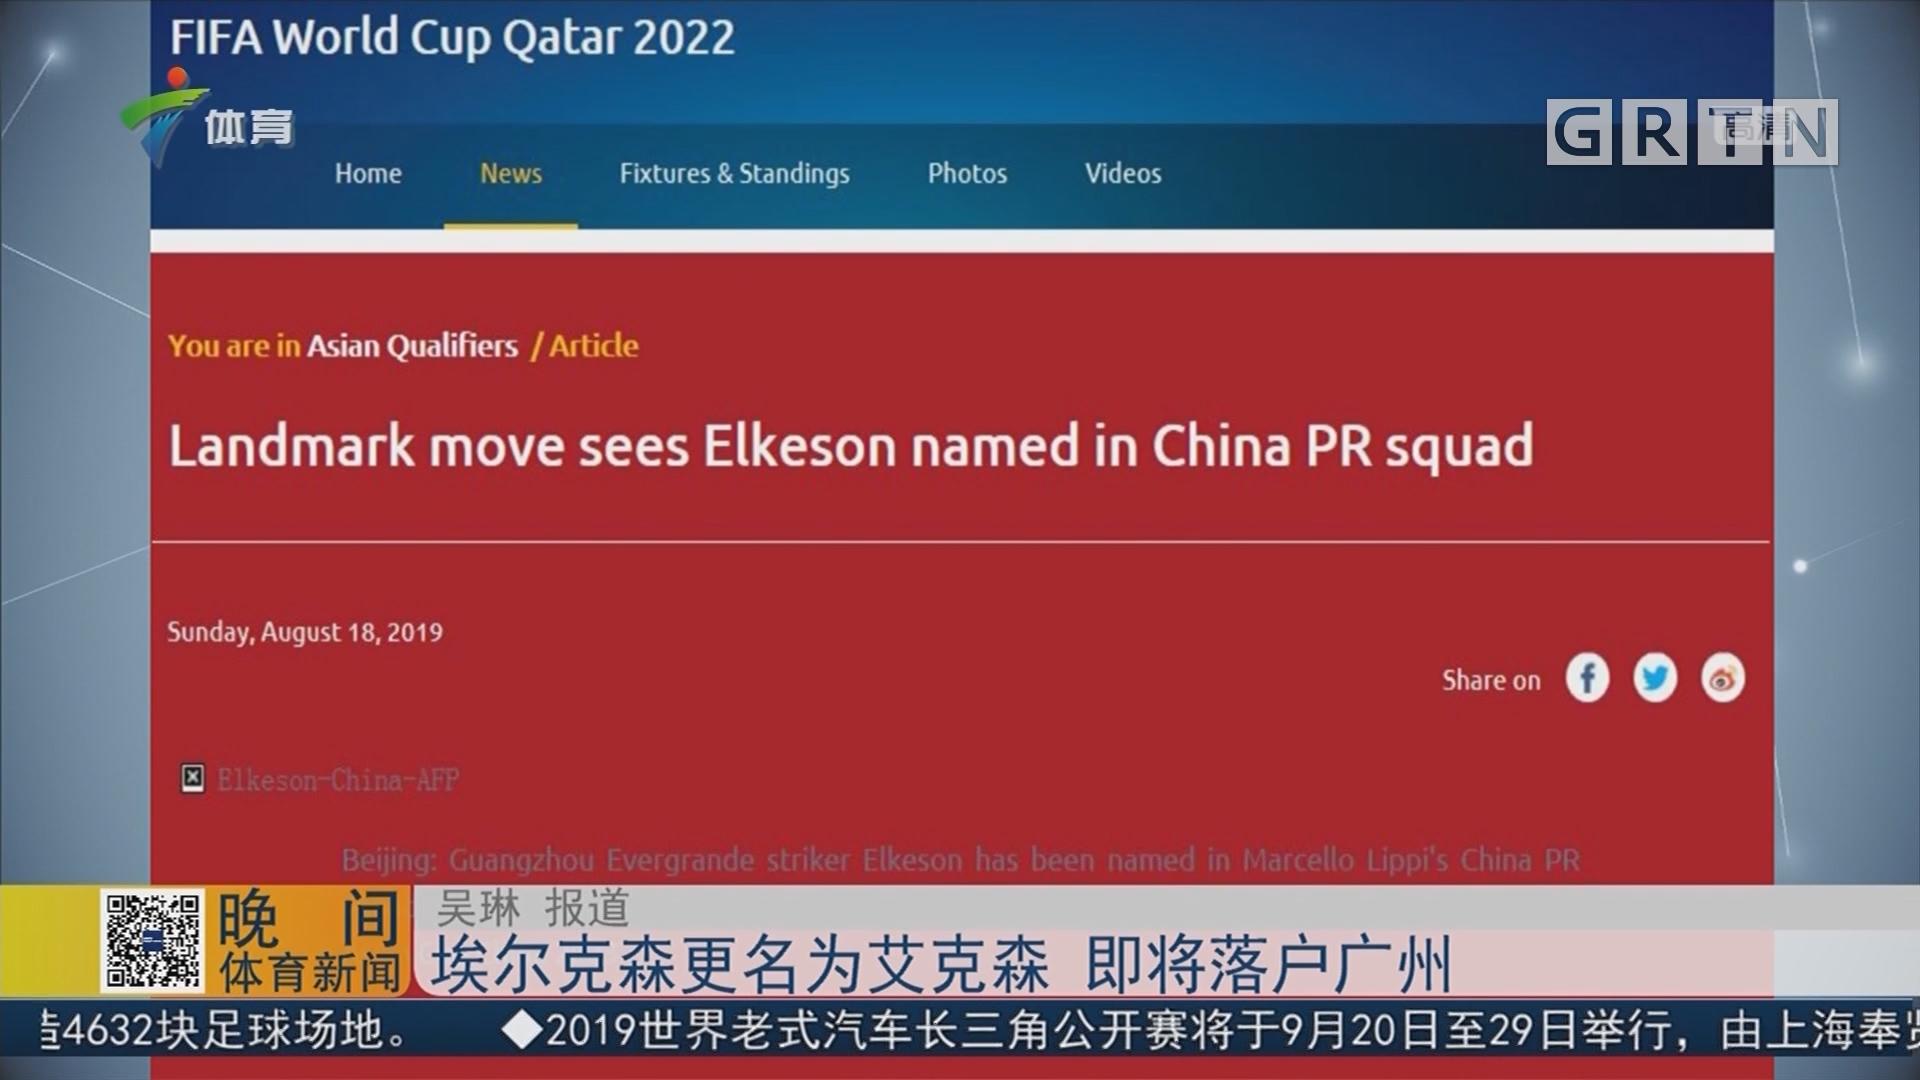 埃尔克森更名为艾克森 即将落户广州